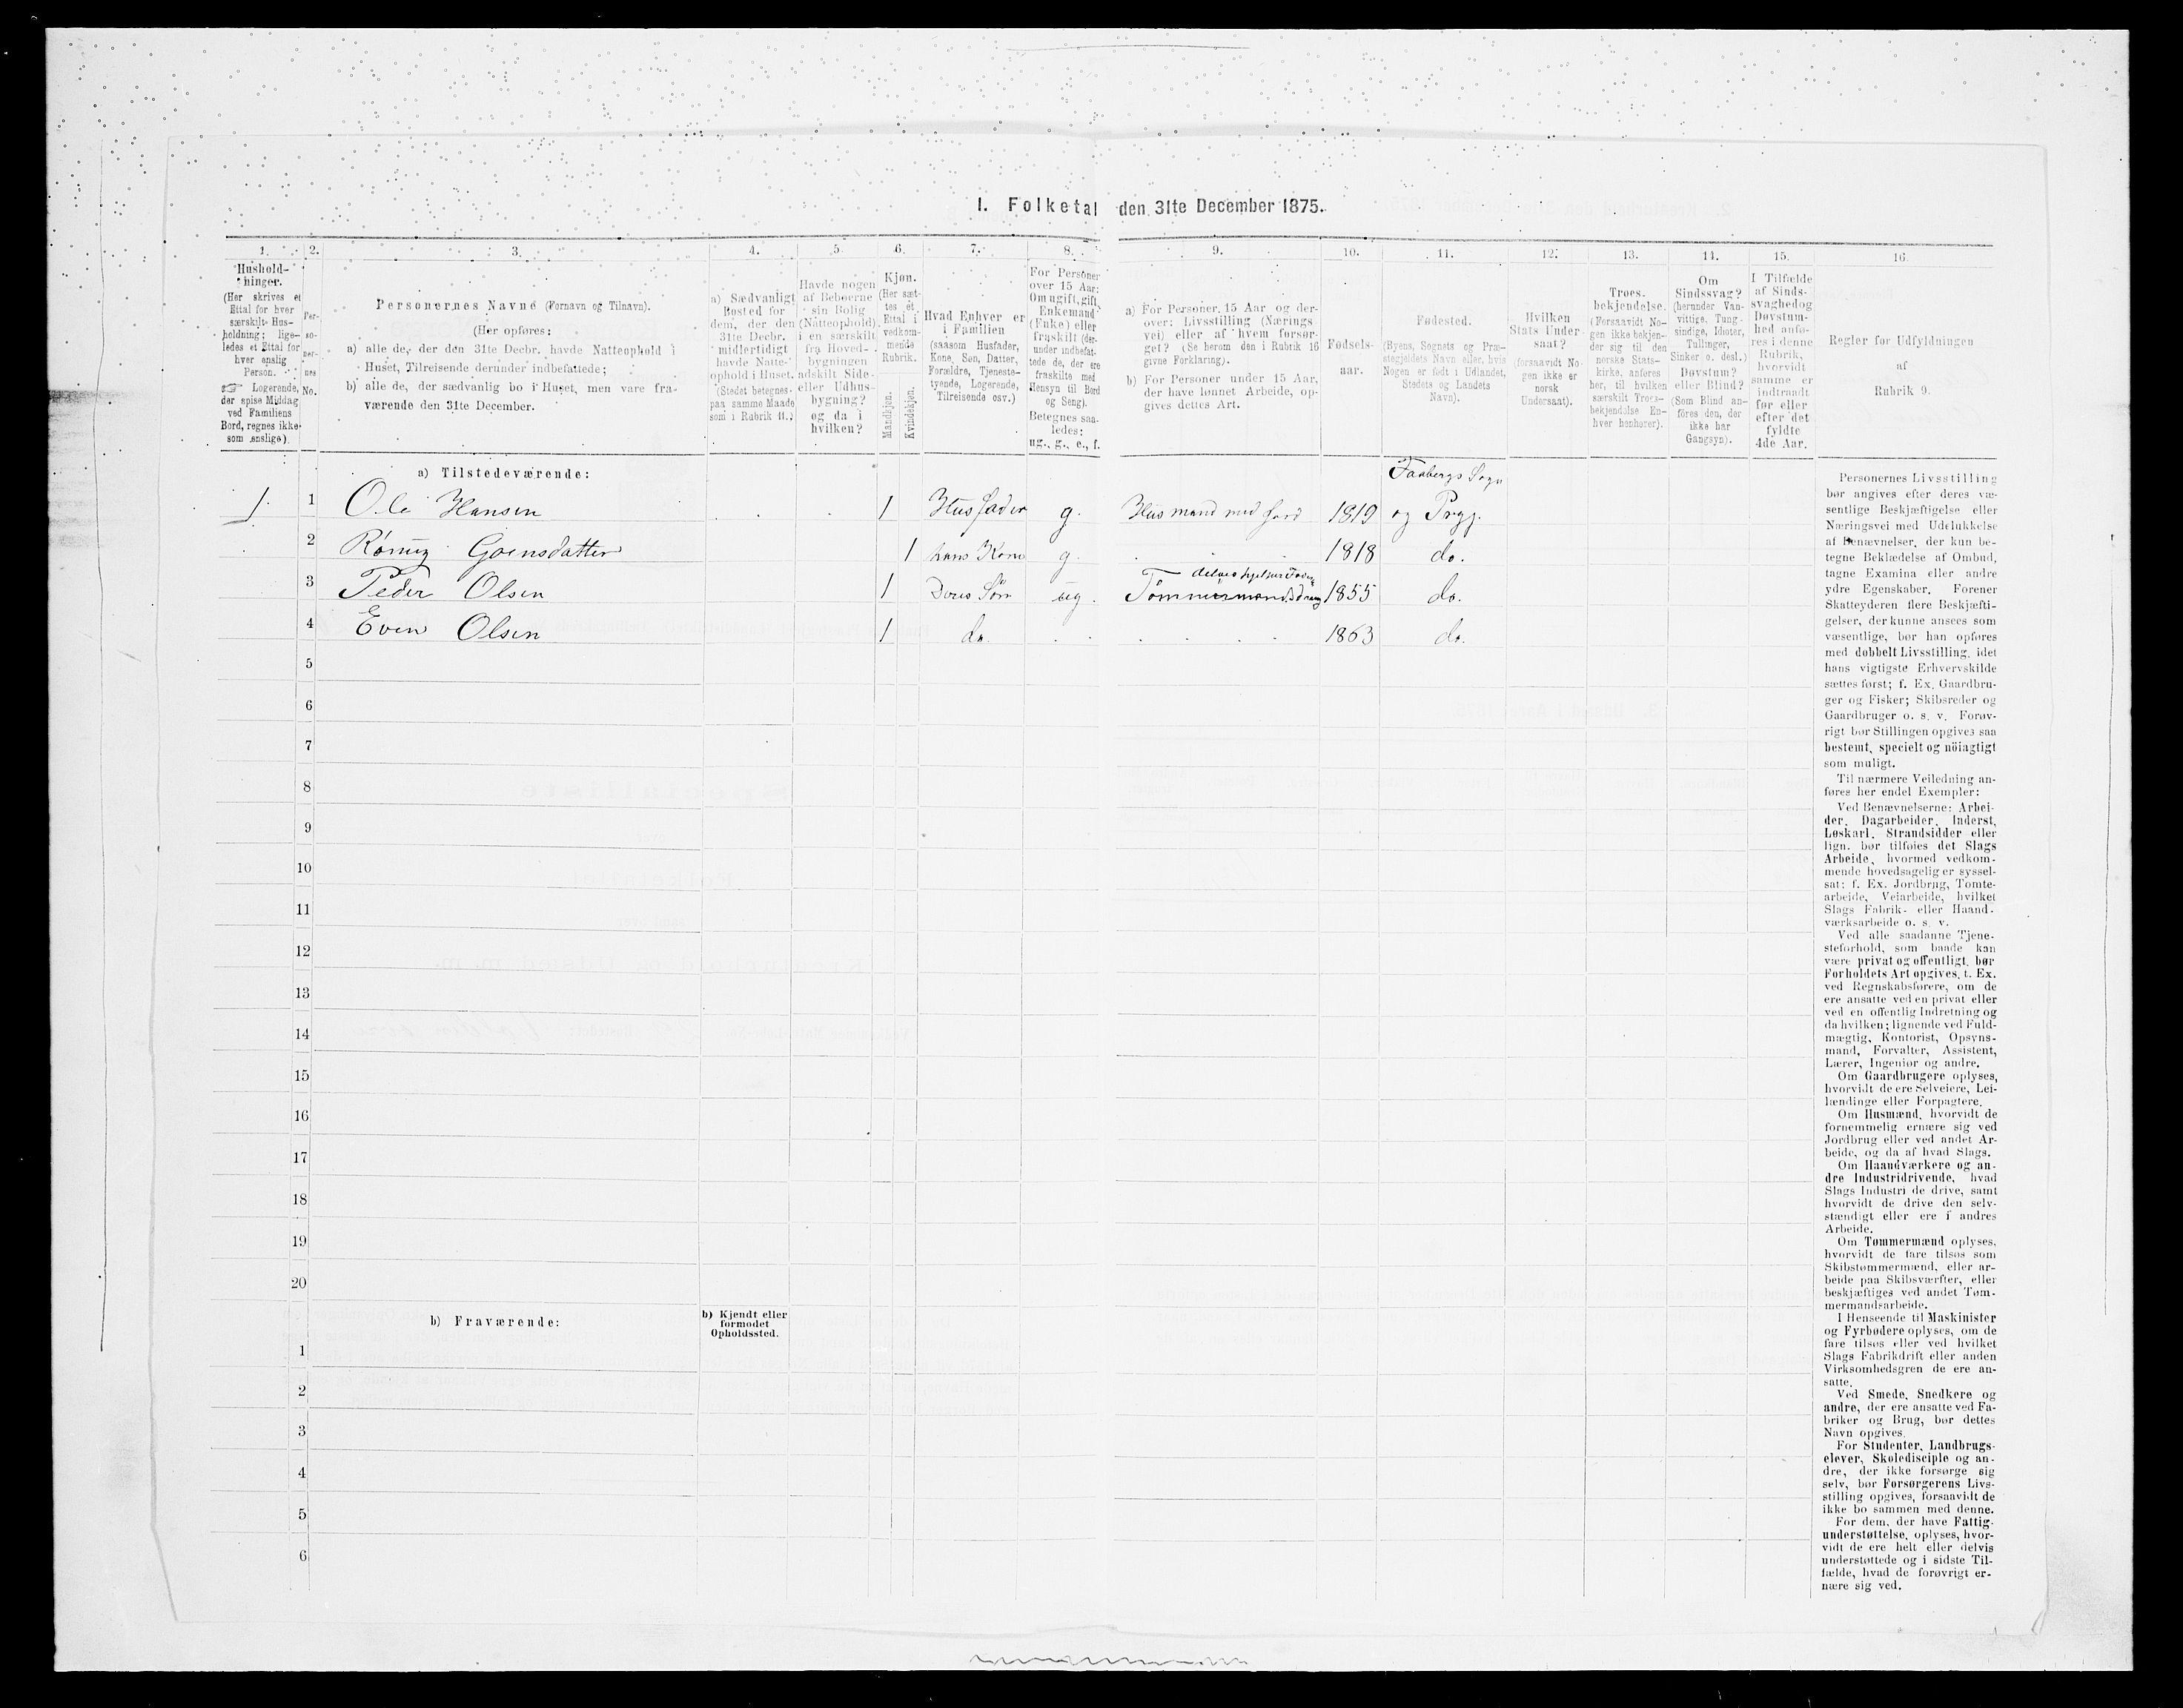 SAH, 1875 census for 0524L Fåberg/Fåberg og Lillehammer, 1875, p. 532